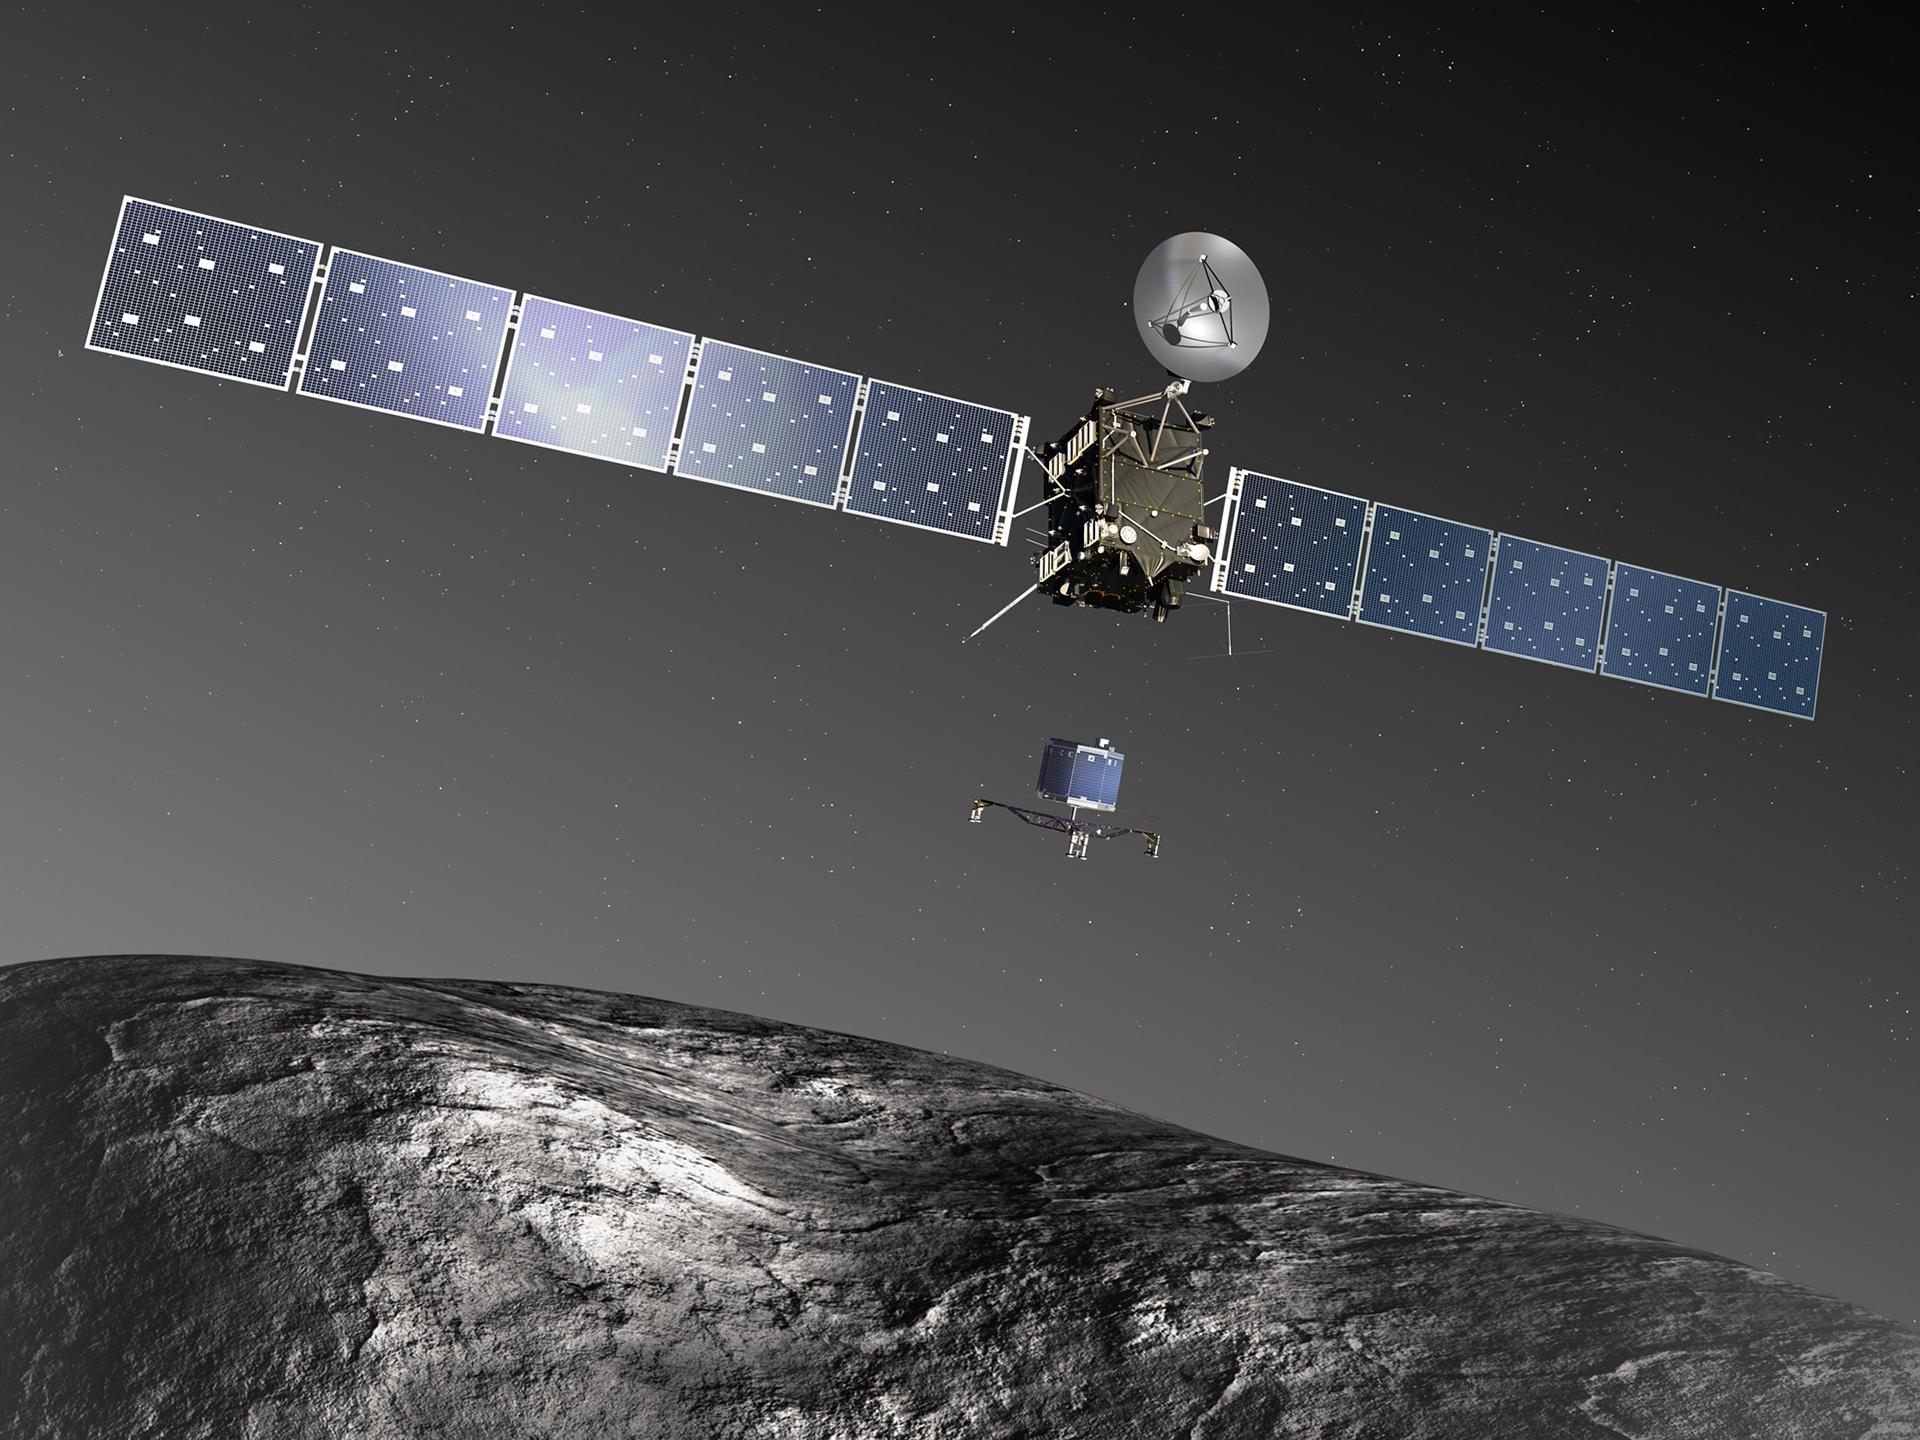 gp_philae-landing-on-comet_13339.jpg